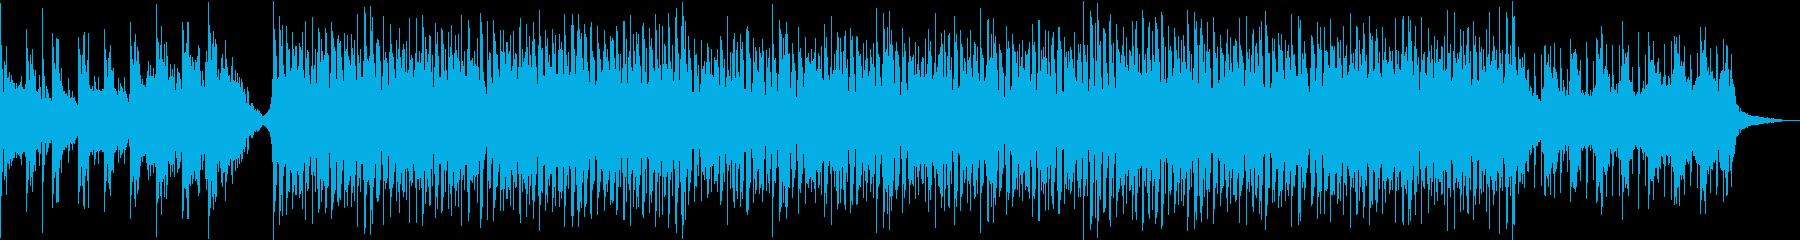 緊張感と疾走感のあるBGMの再生済みの波形